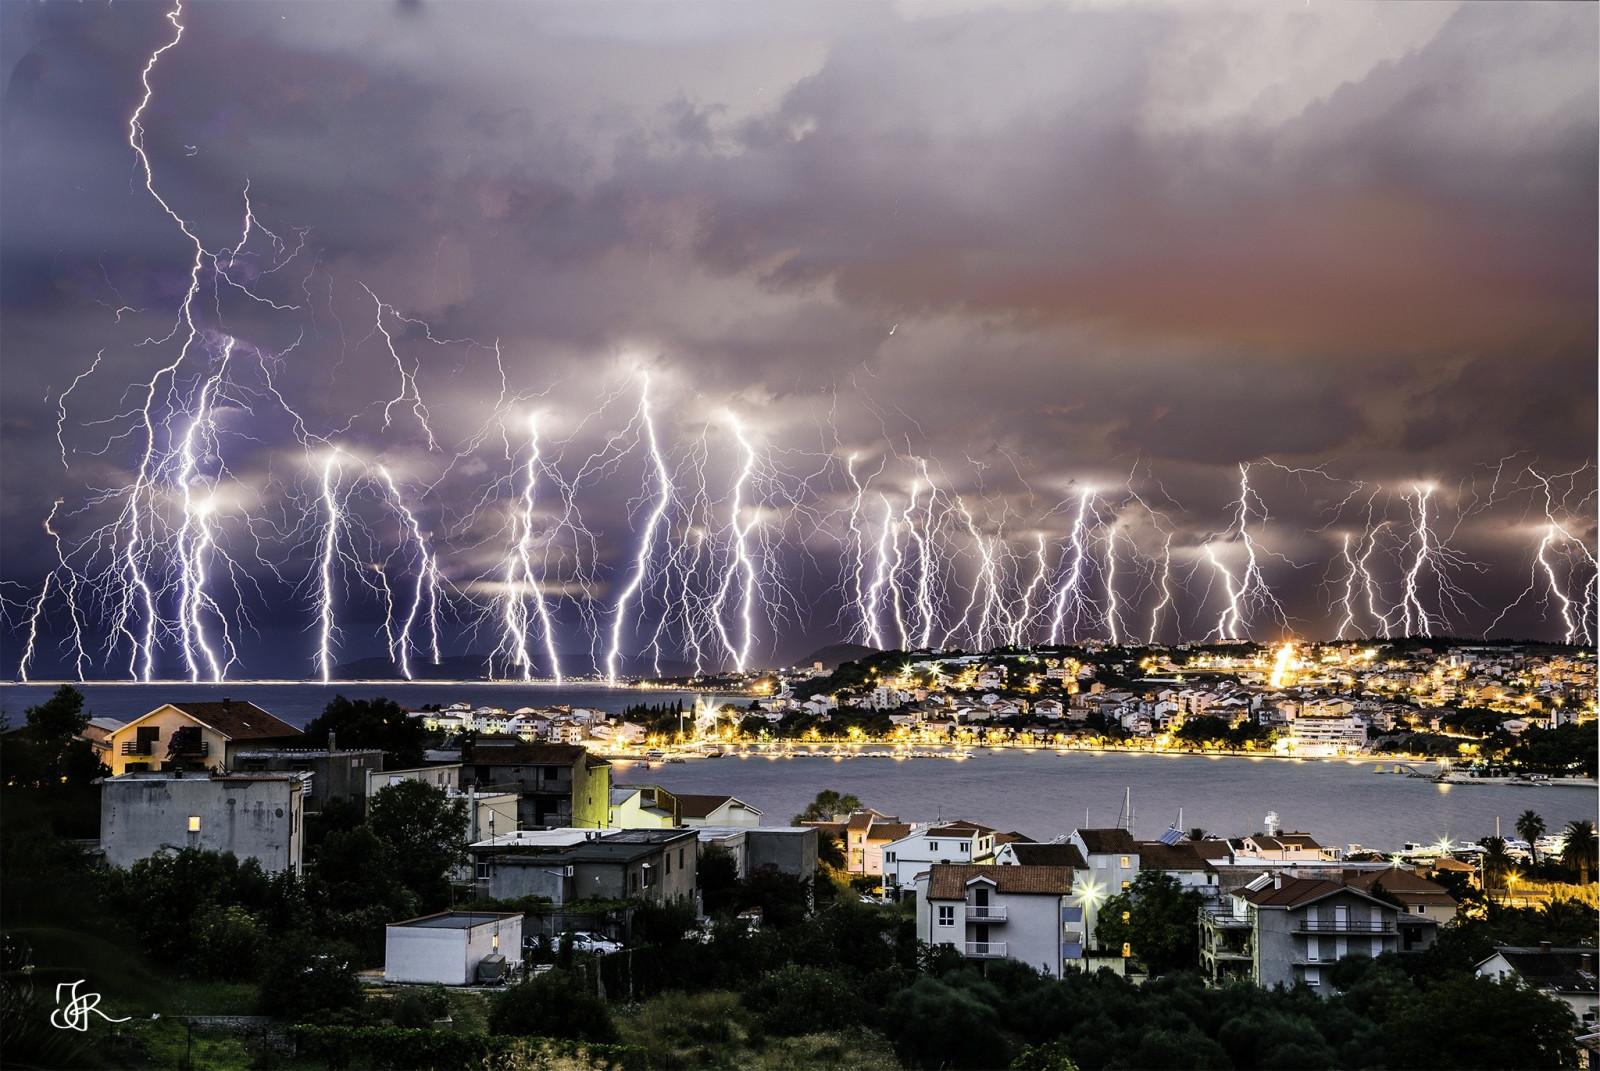 красивые картинки погодных явлений первый, второй взгляд